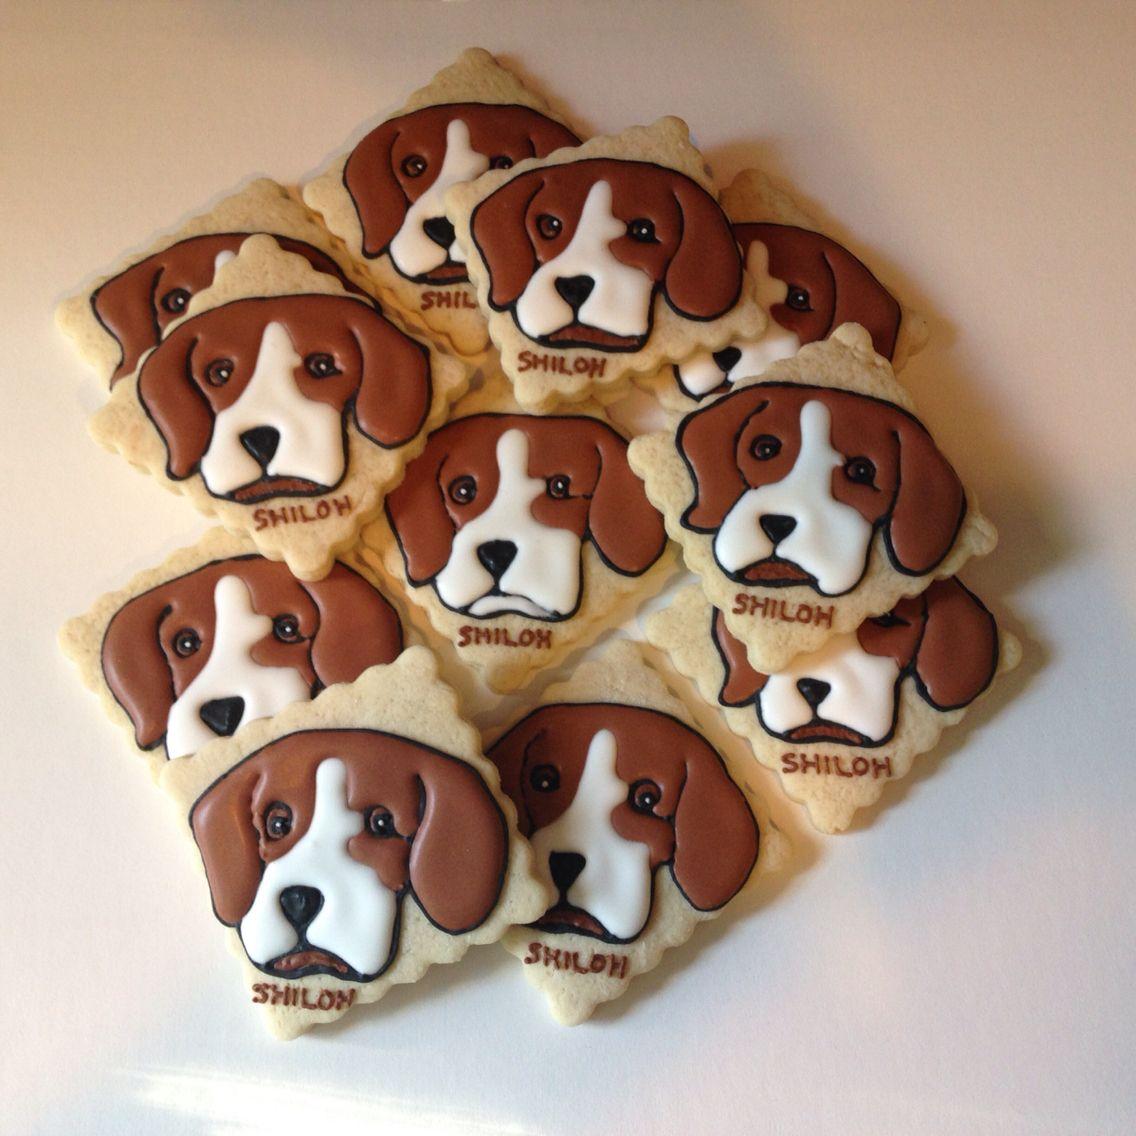 Shiloh Beagle Cookies For 4th Grade Book Club Book Shiloh Beagle